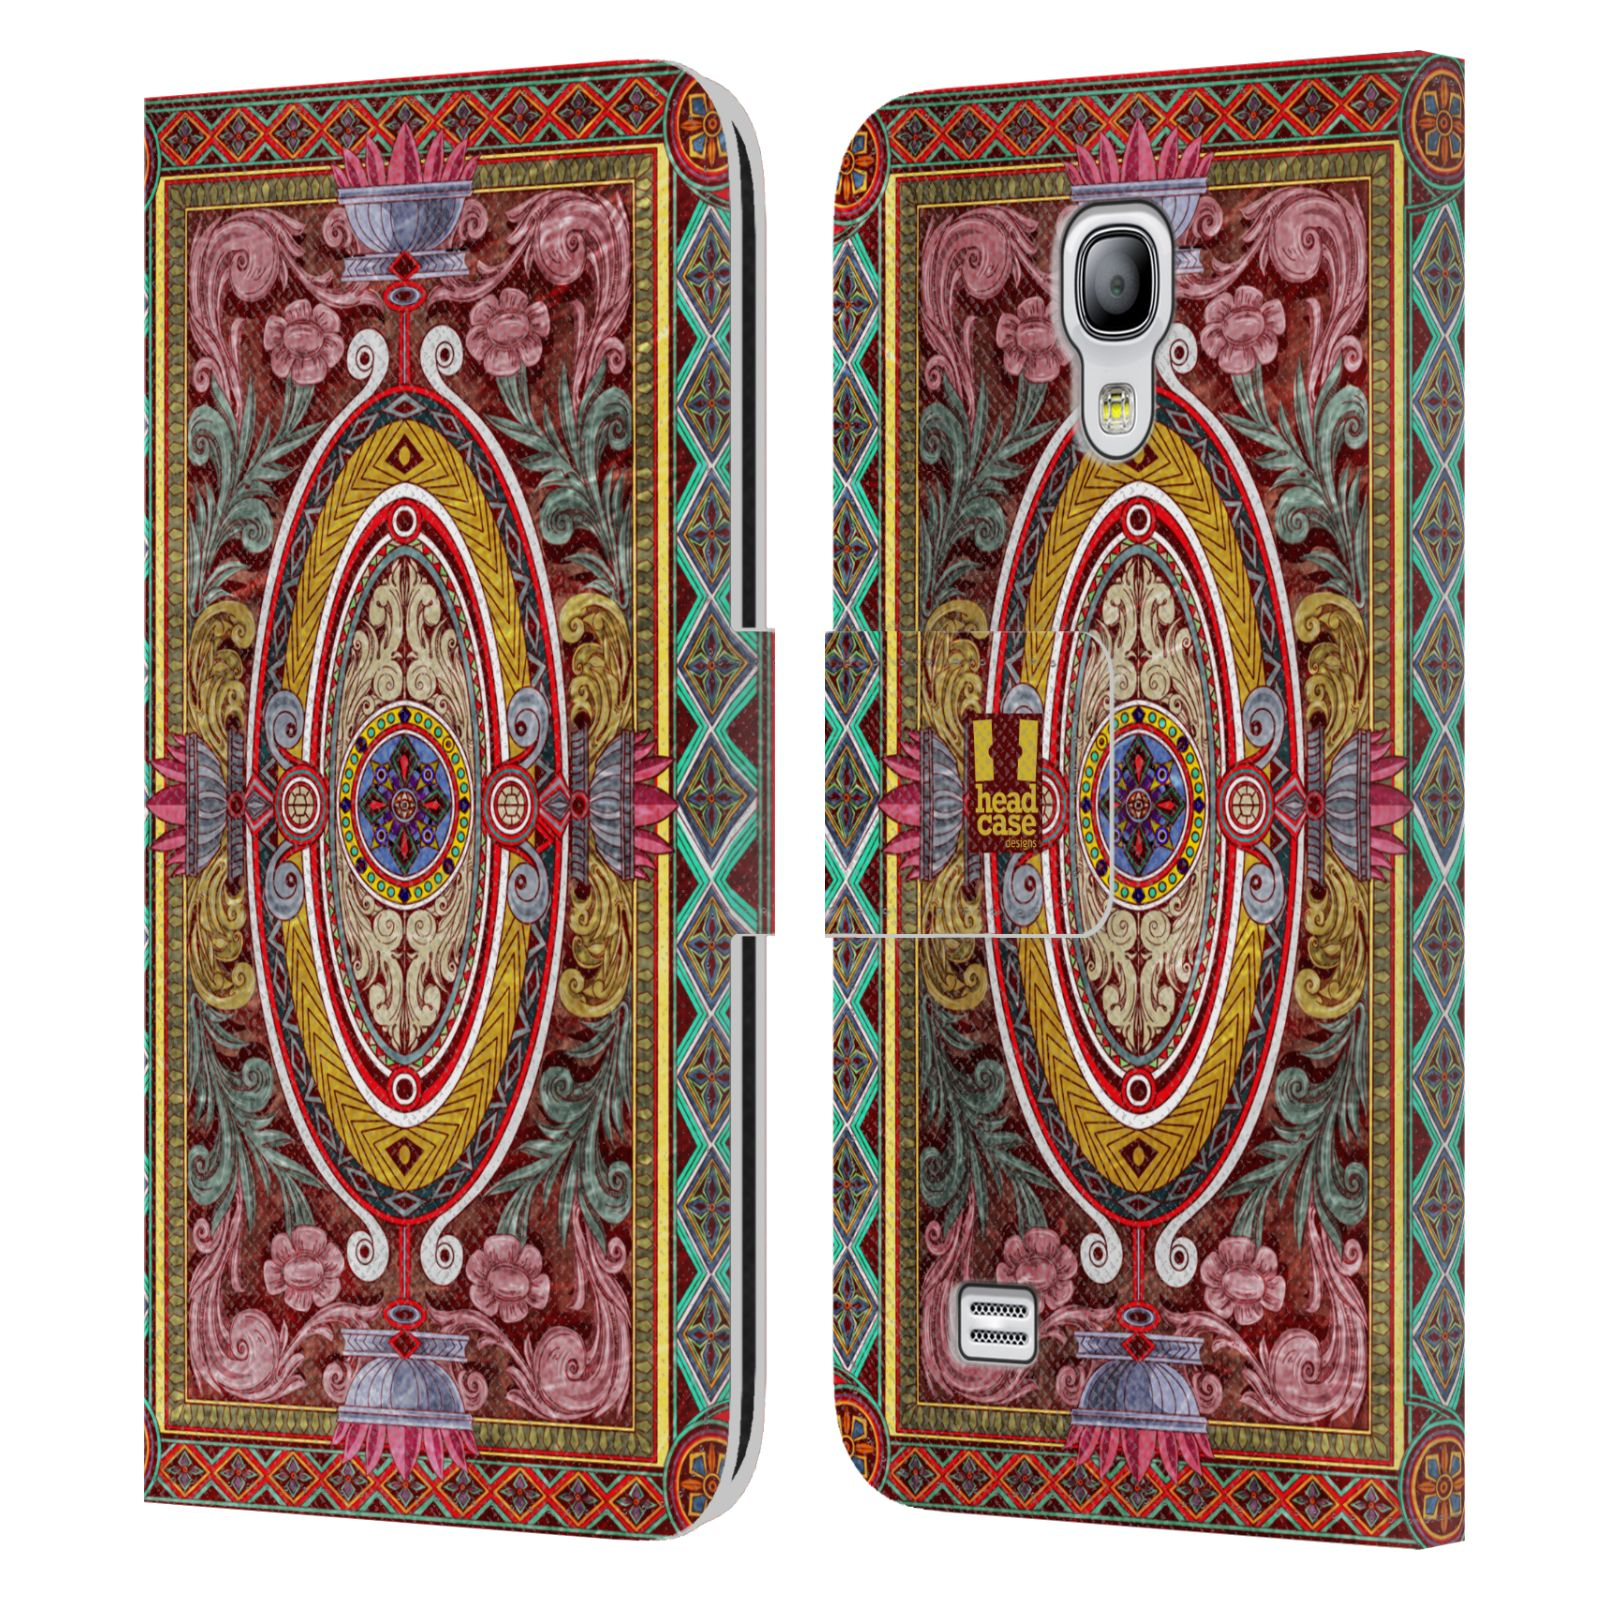 HEAD CASE Flipové pouzdro pro mobil Samsung Galaxy S4 MINI / S4 MINI DUOS ARABESKA Baroko červená